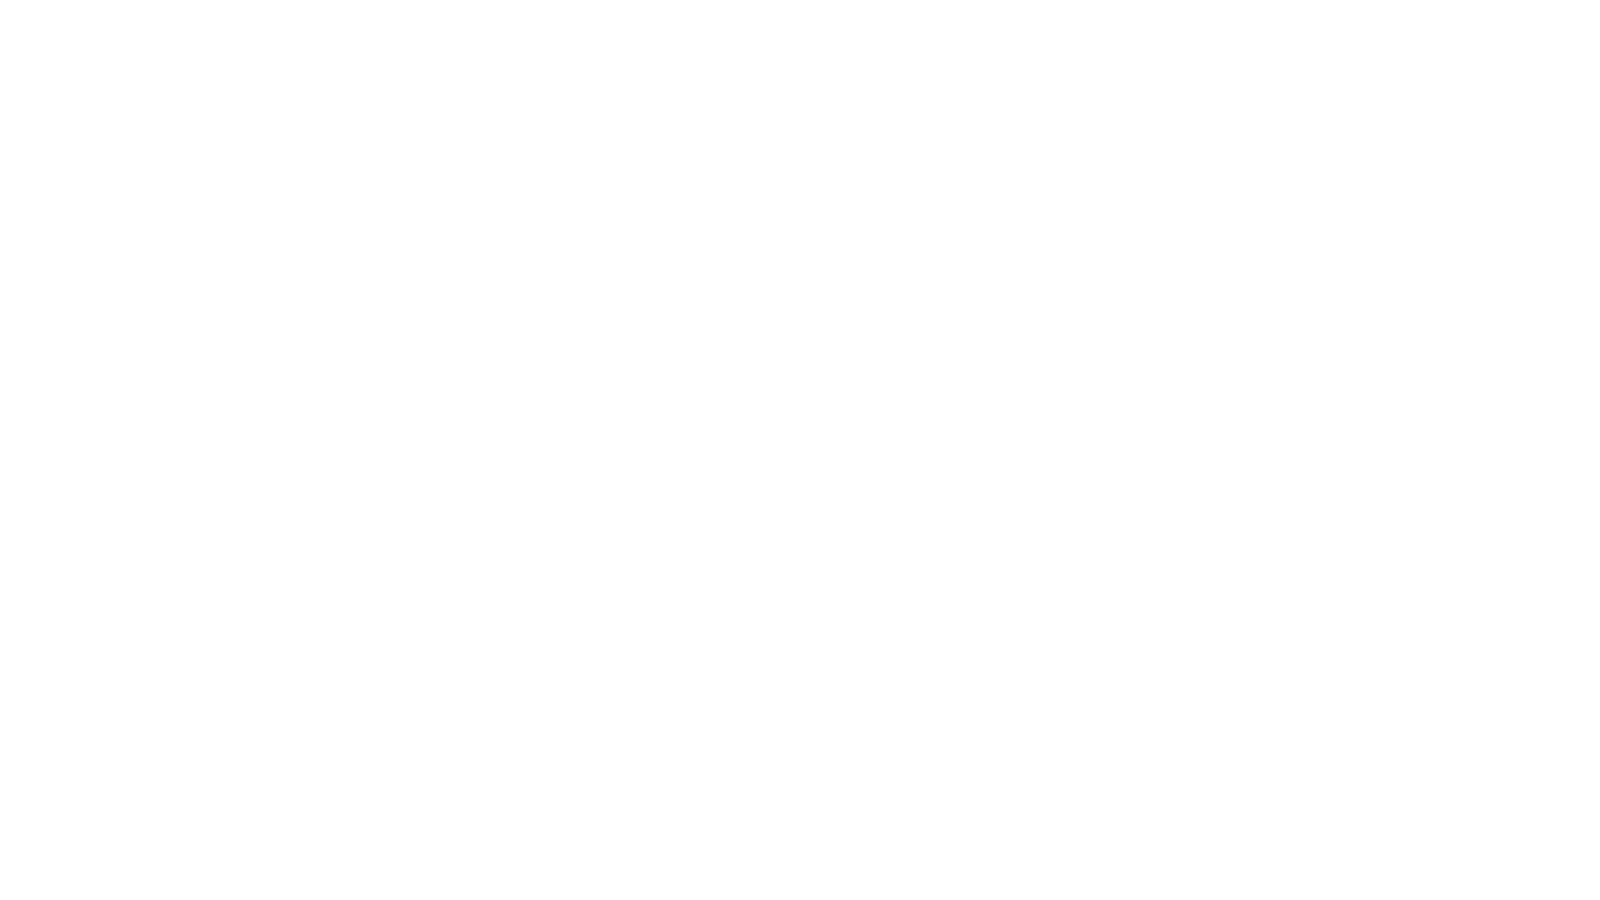 """Apresentação do Dr. Ivan Izquierdo com o tema """"Consolidação da memória: nossa contribuição"""". Centro de Memória, InsCer, PUCRS & Instituto Nacional de Neurociência O evento faz parte do Programa de Pós-Graduação em Ciências Médicas da Faculdade de Medicina da UFRGS, na disciplina de Método e Pesquisa em Neurogeriatria."""